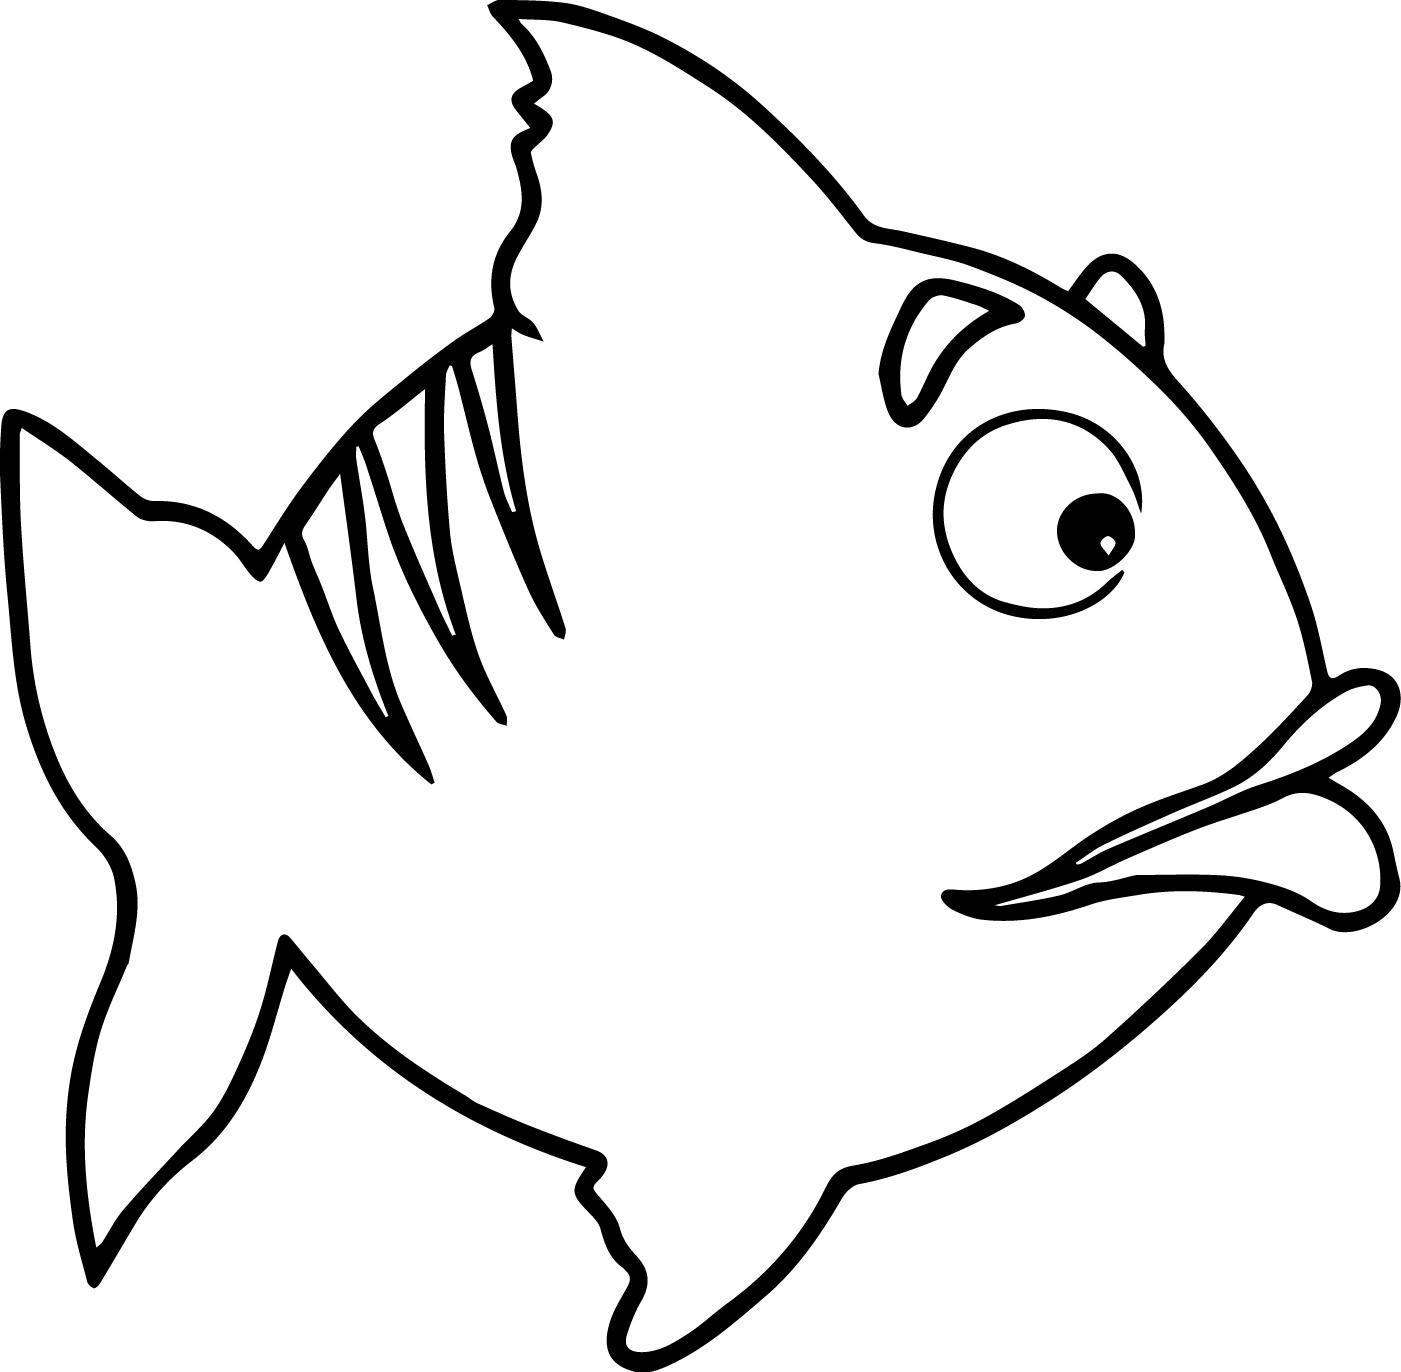 Too Cartoon Fish Coloring Page Sheet